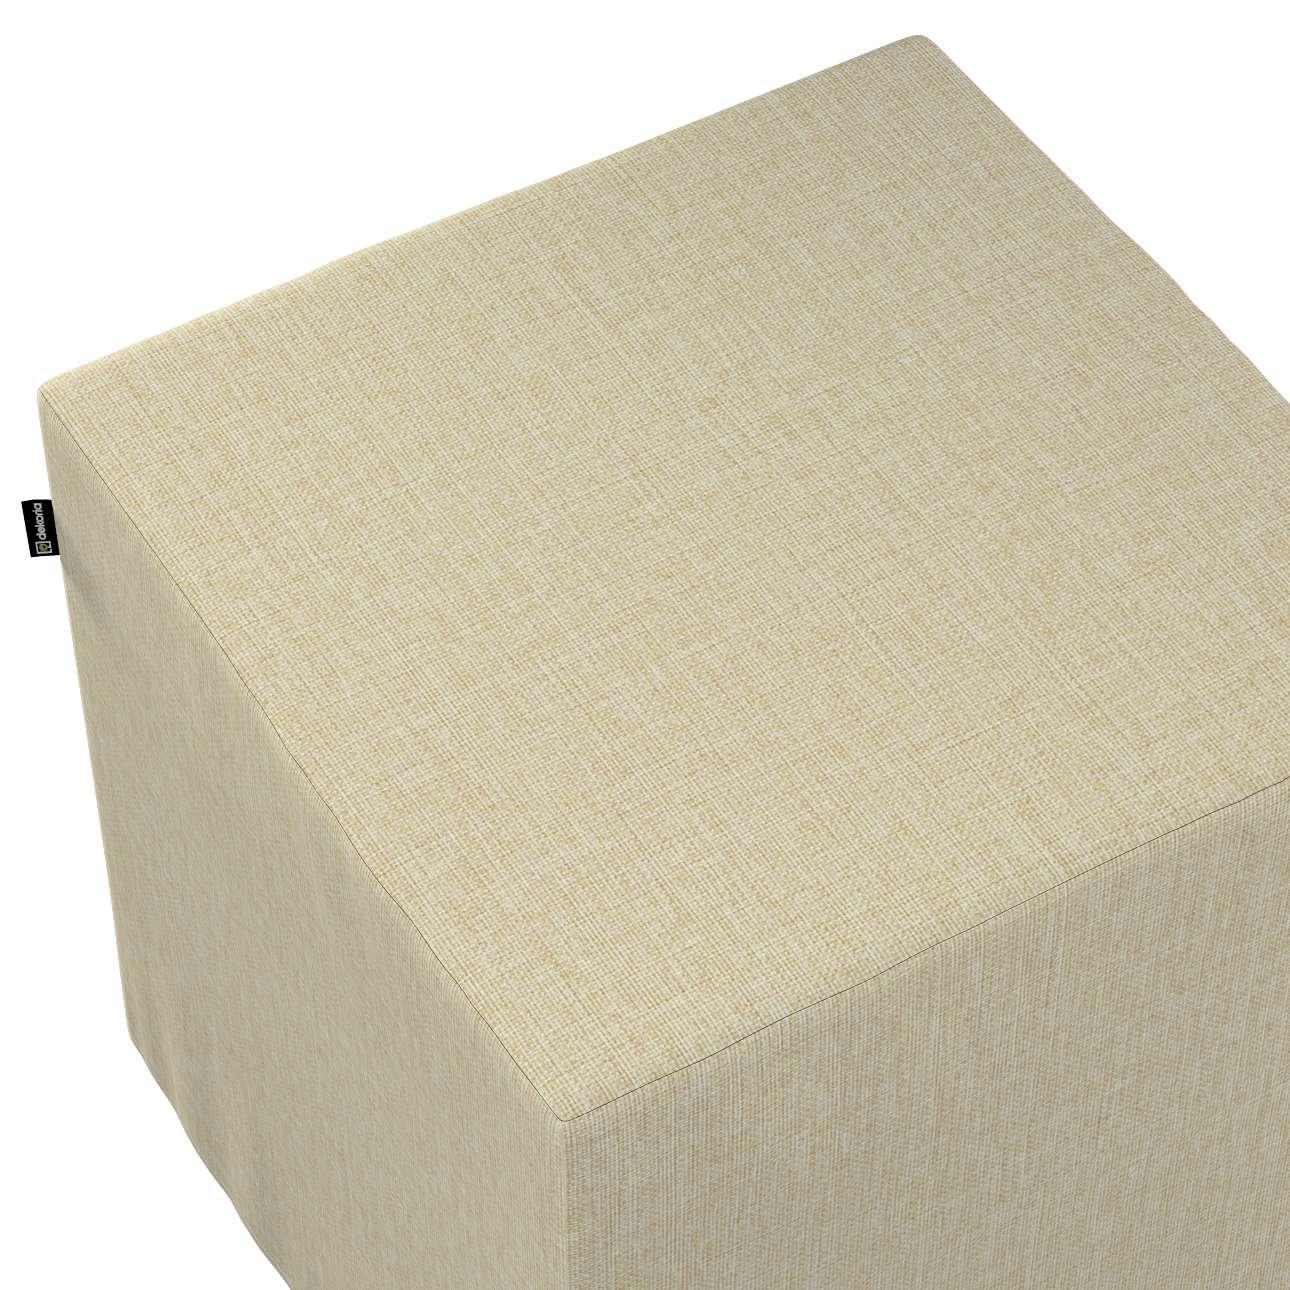 Sitzwürfel von der Kollektion Living, Stoff: 161-45